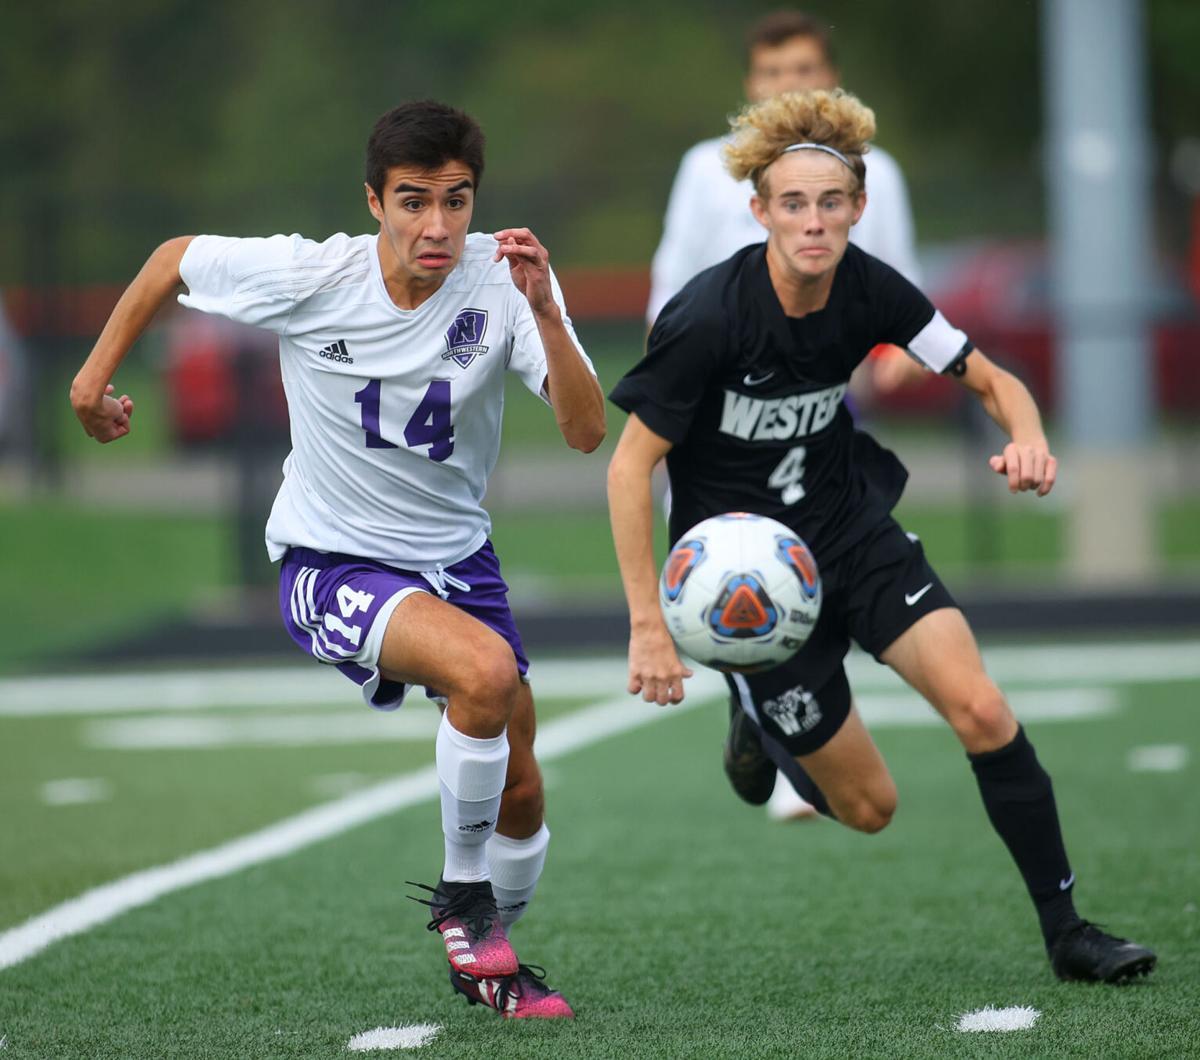 NW vs WHS boys sect soccer 04.jpg